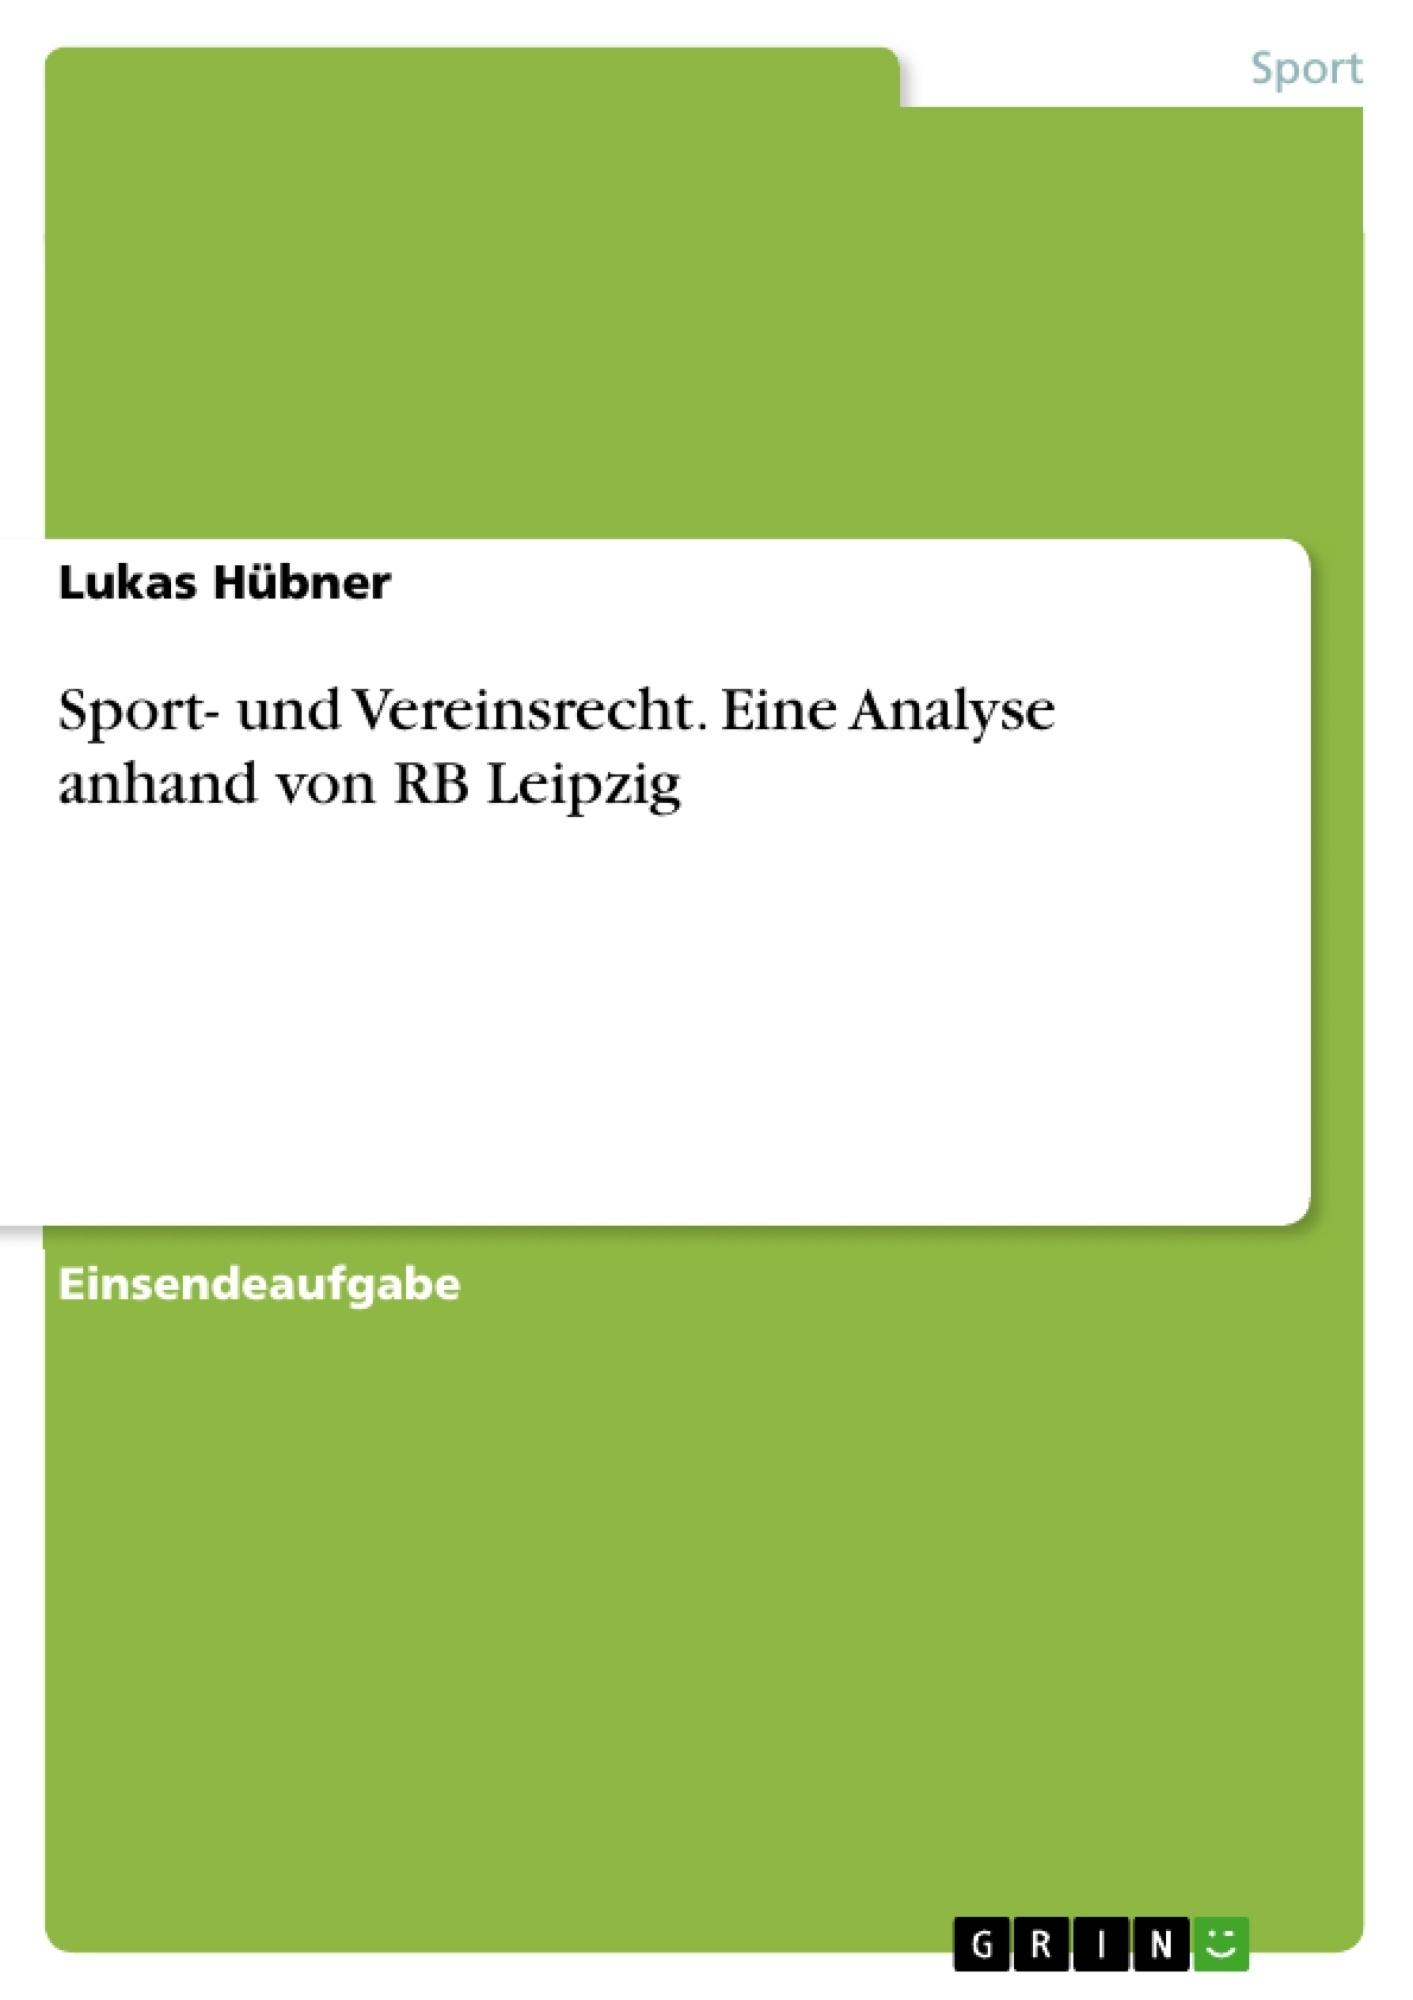 Titel: Sport- und Vereinsrecht. Eine Analyse anhand von RB Leipzig